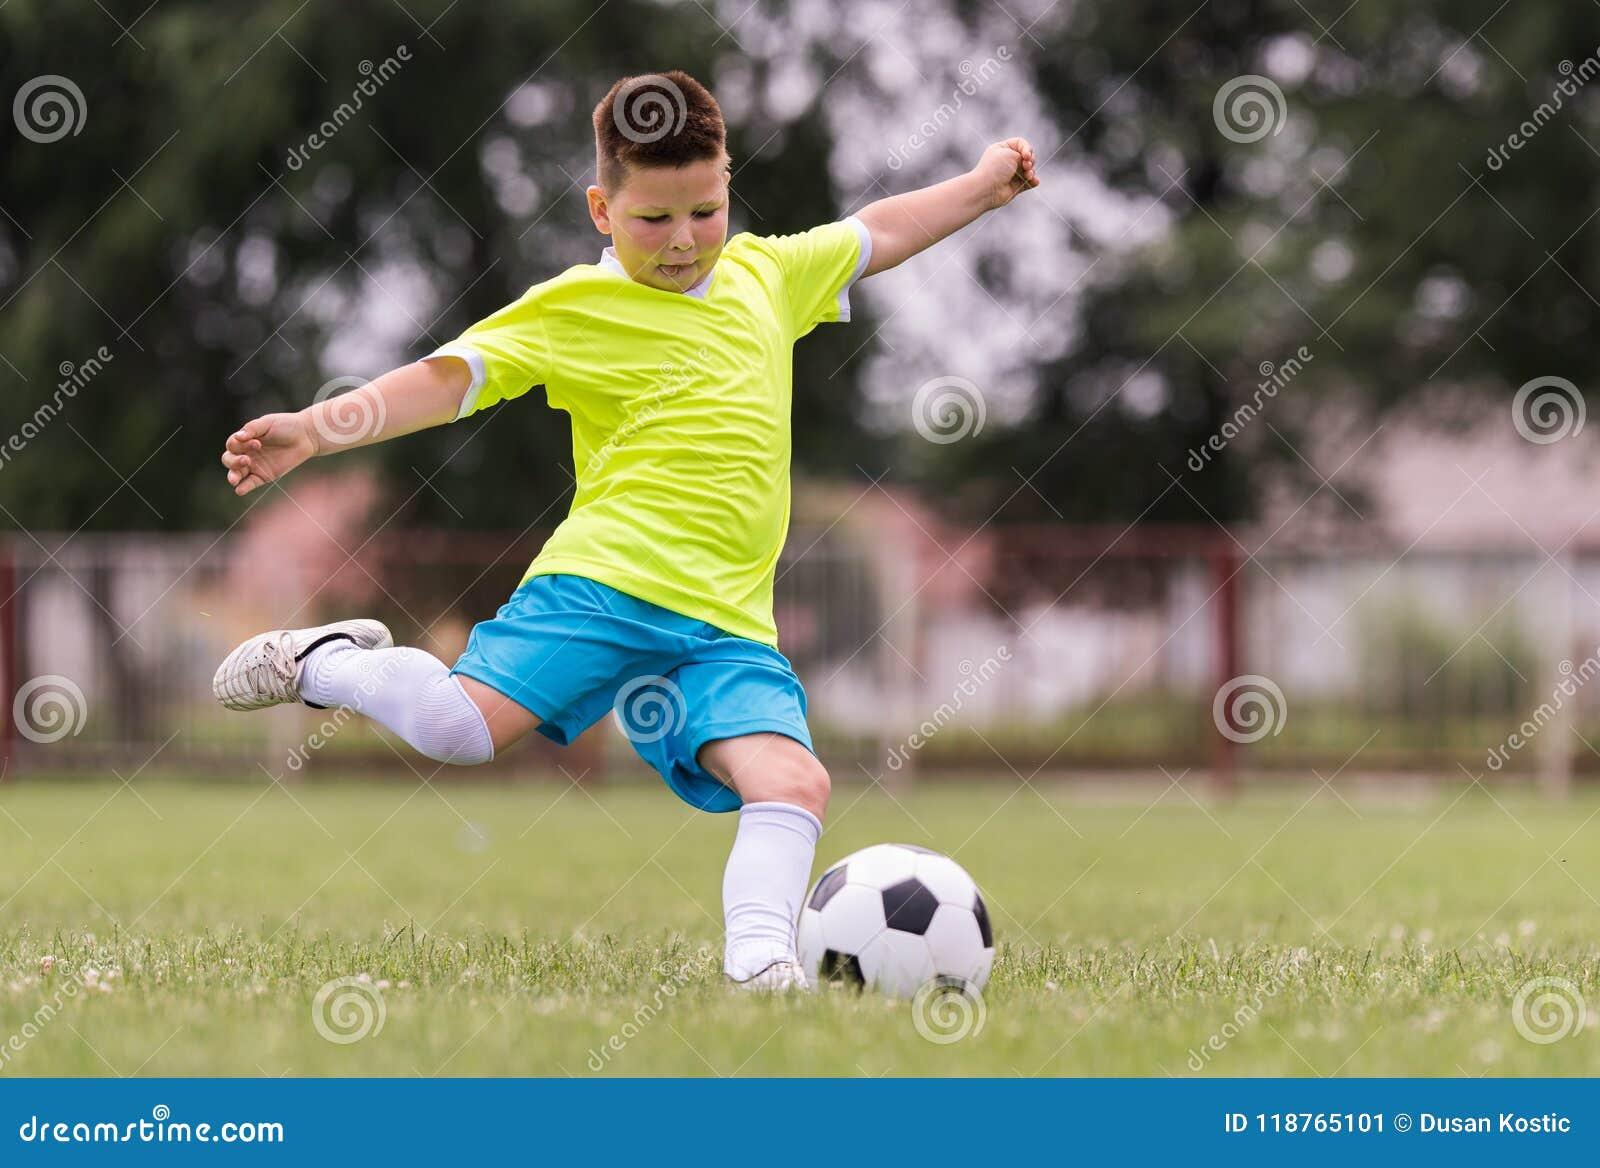 Sparkande fotboll för pojke på sportfältet